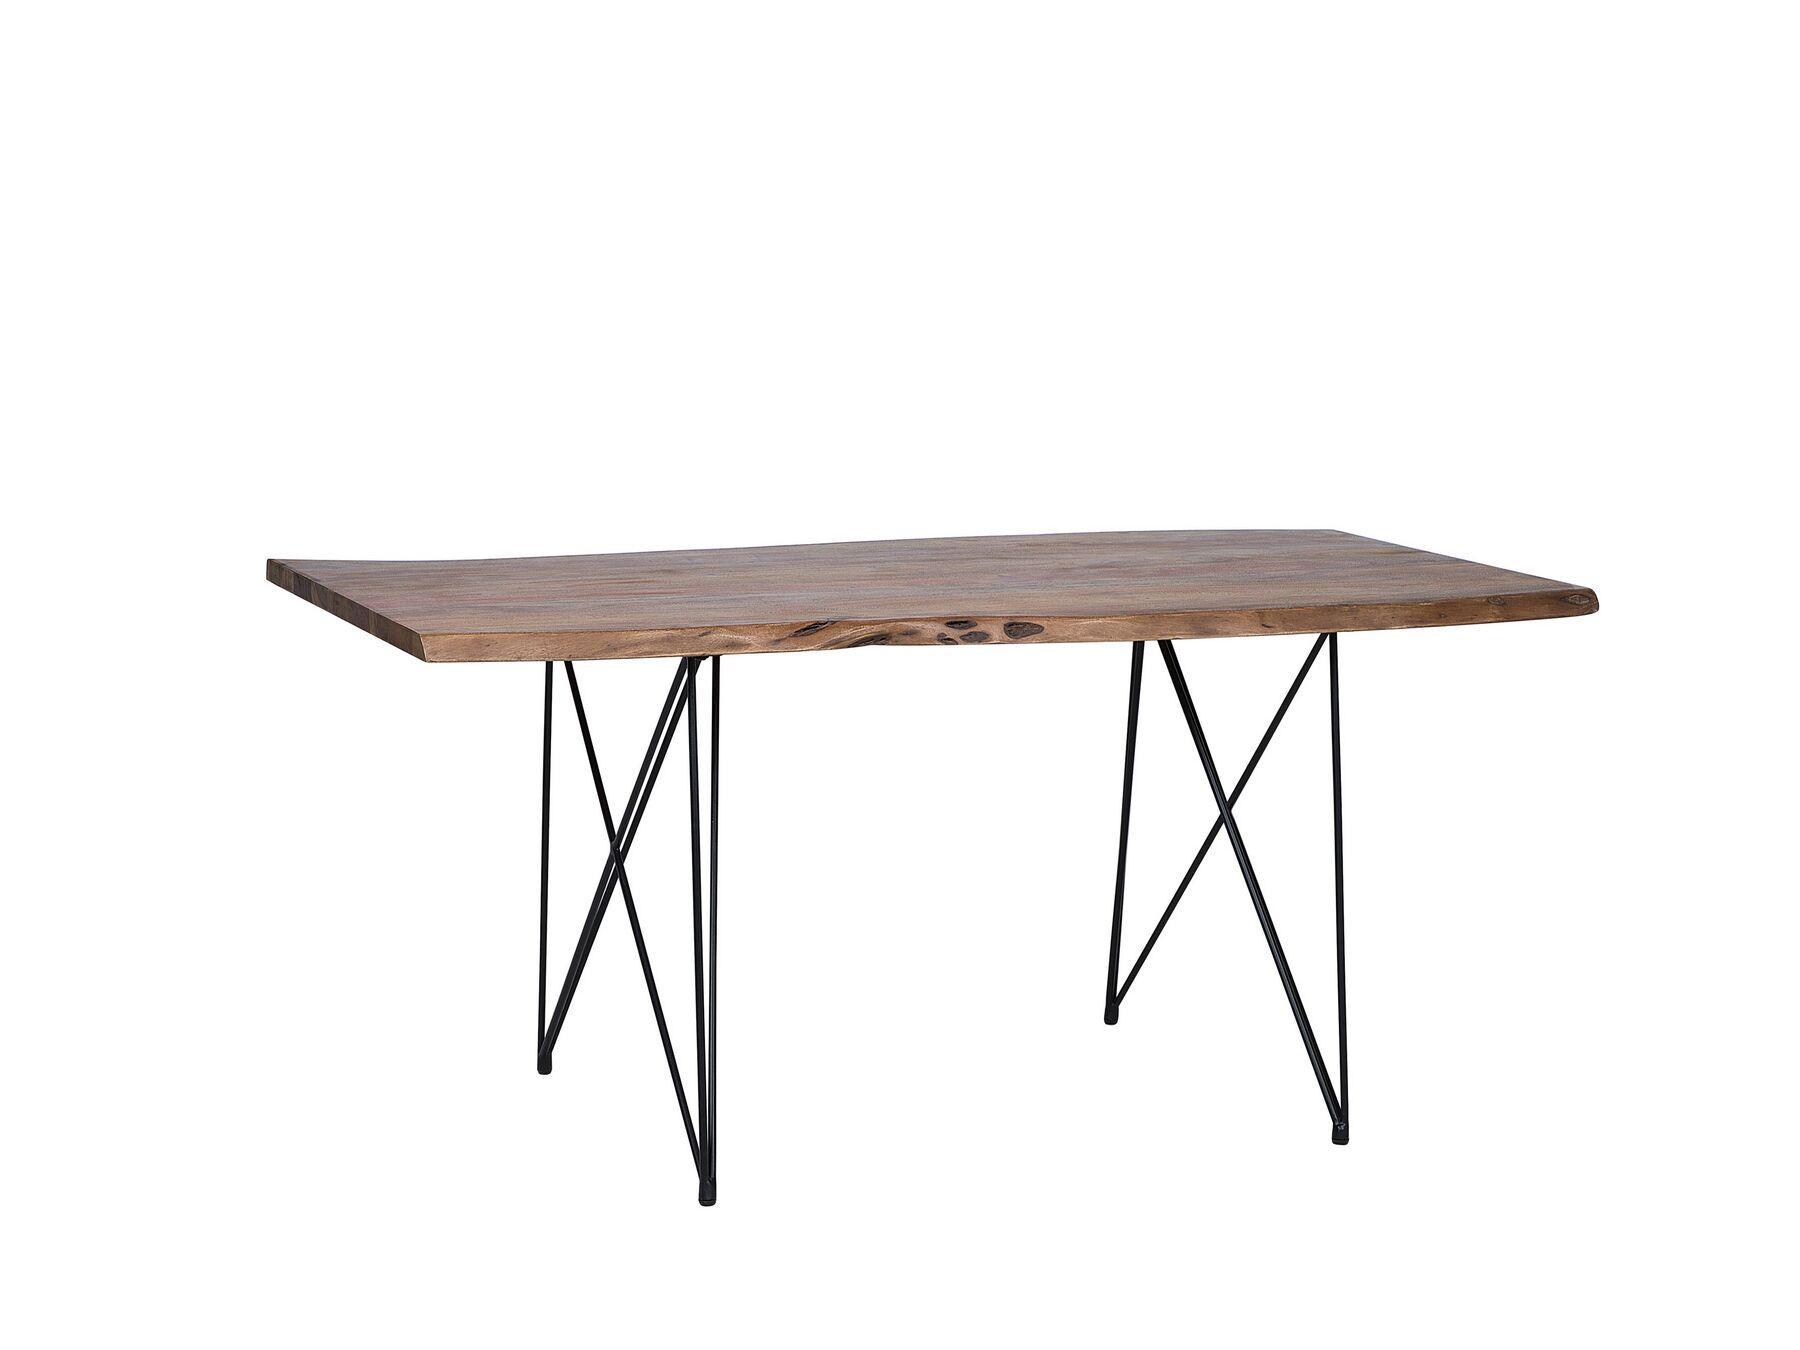 Esstisch Holz 180 Cm